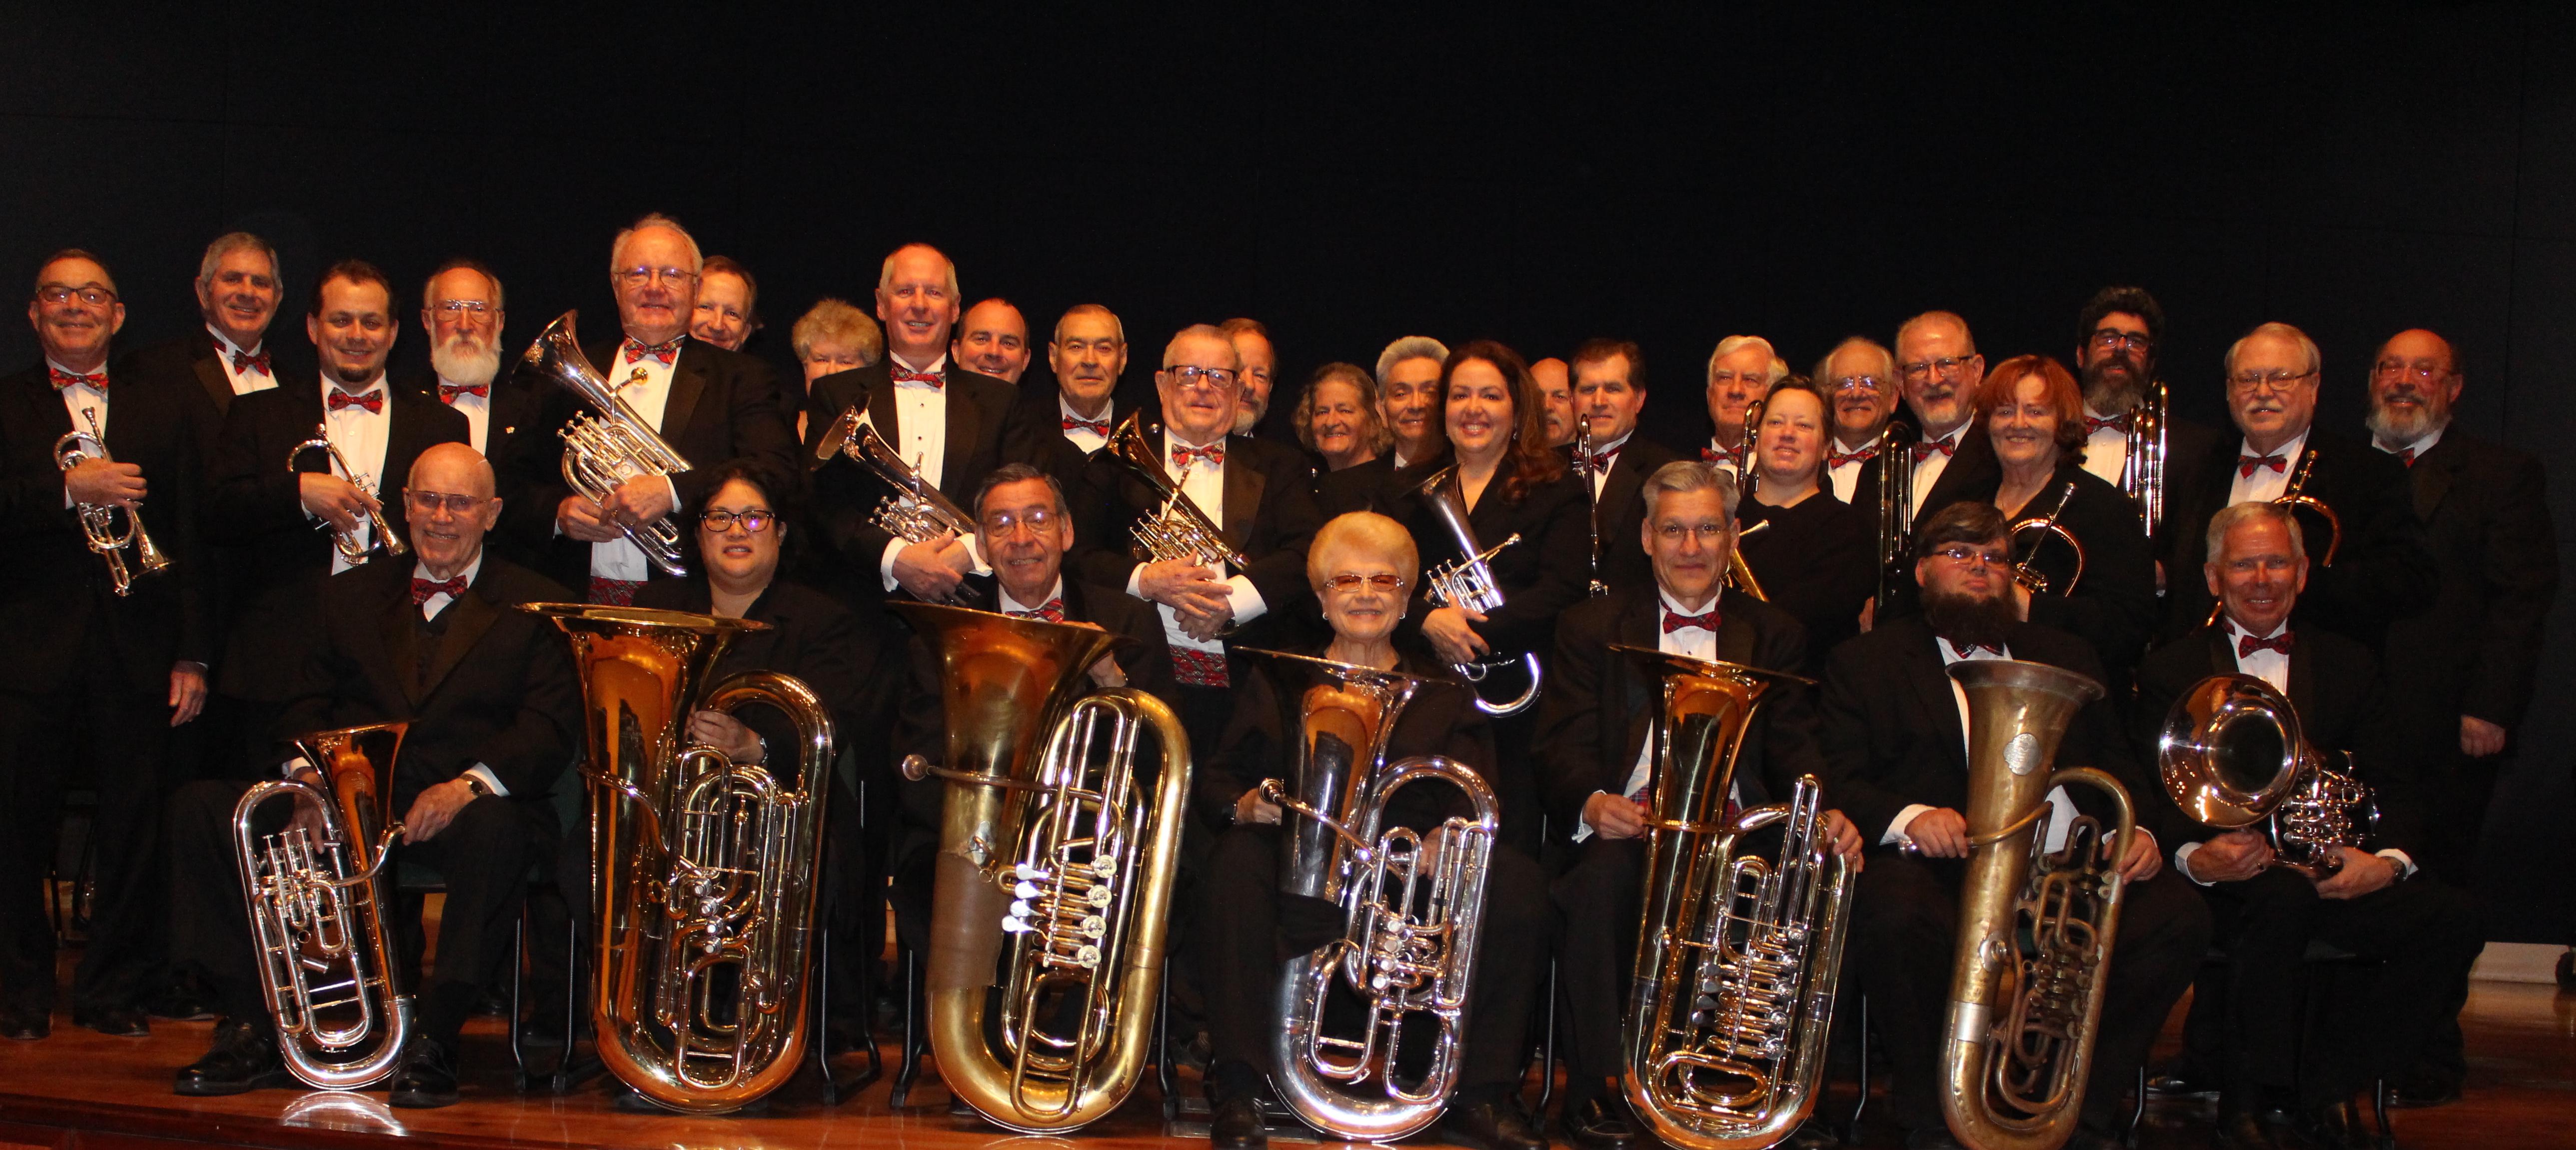 british open brass band 2018 tickets